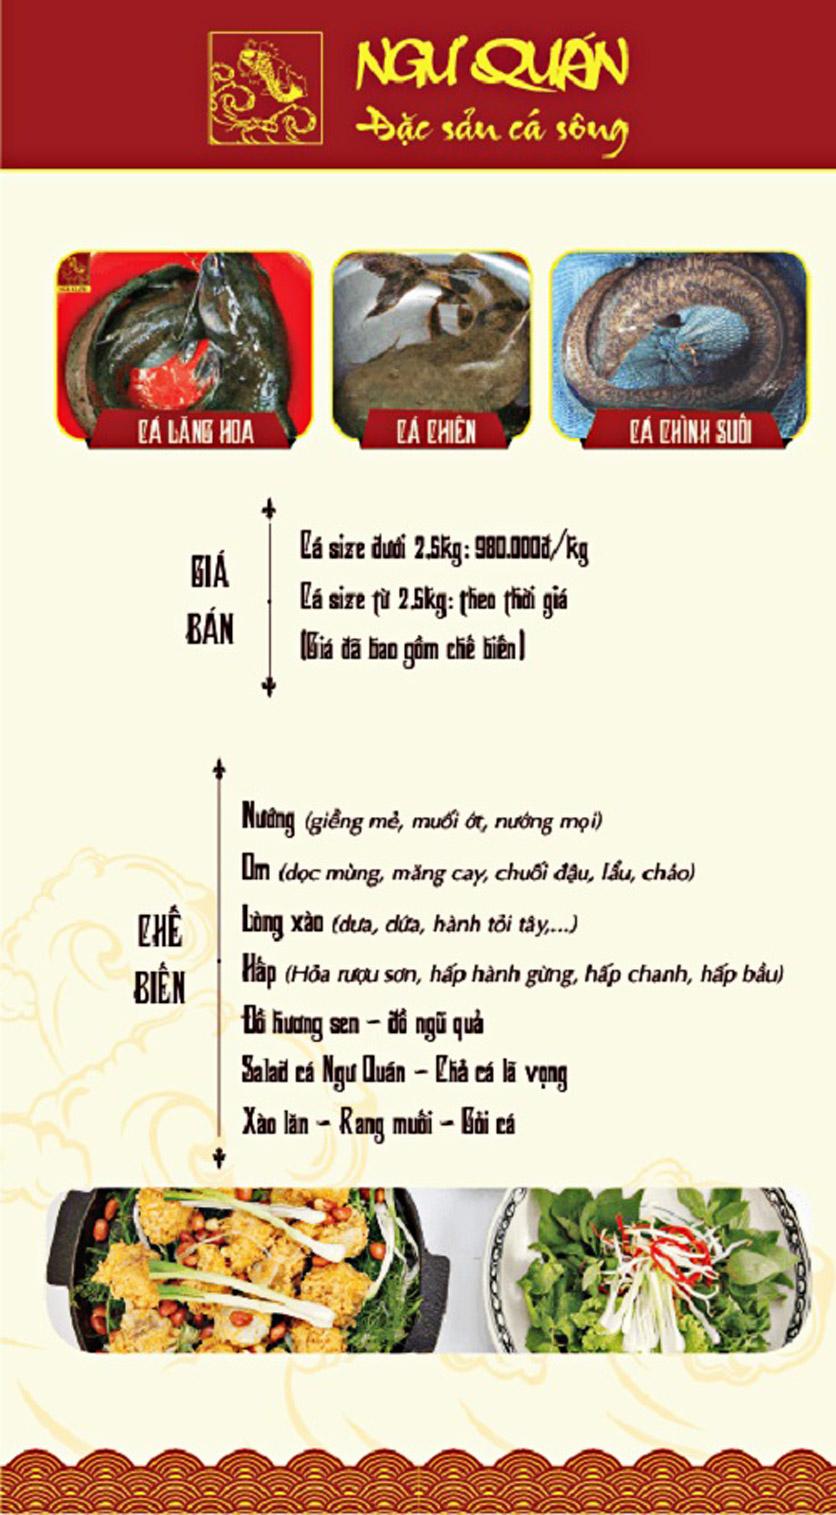 Menu Ngư Quán - Đặc Sản Cá Sông - KĐT Dịch Vọng 9